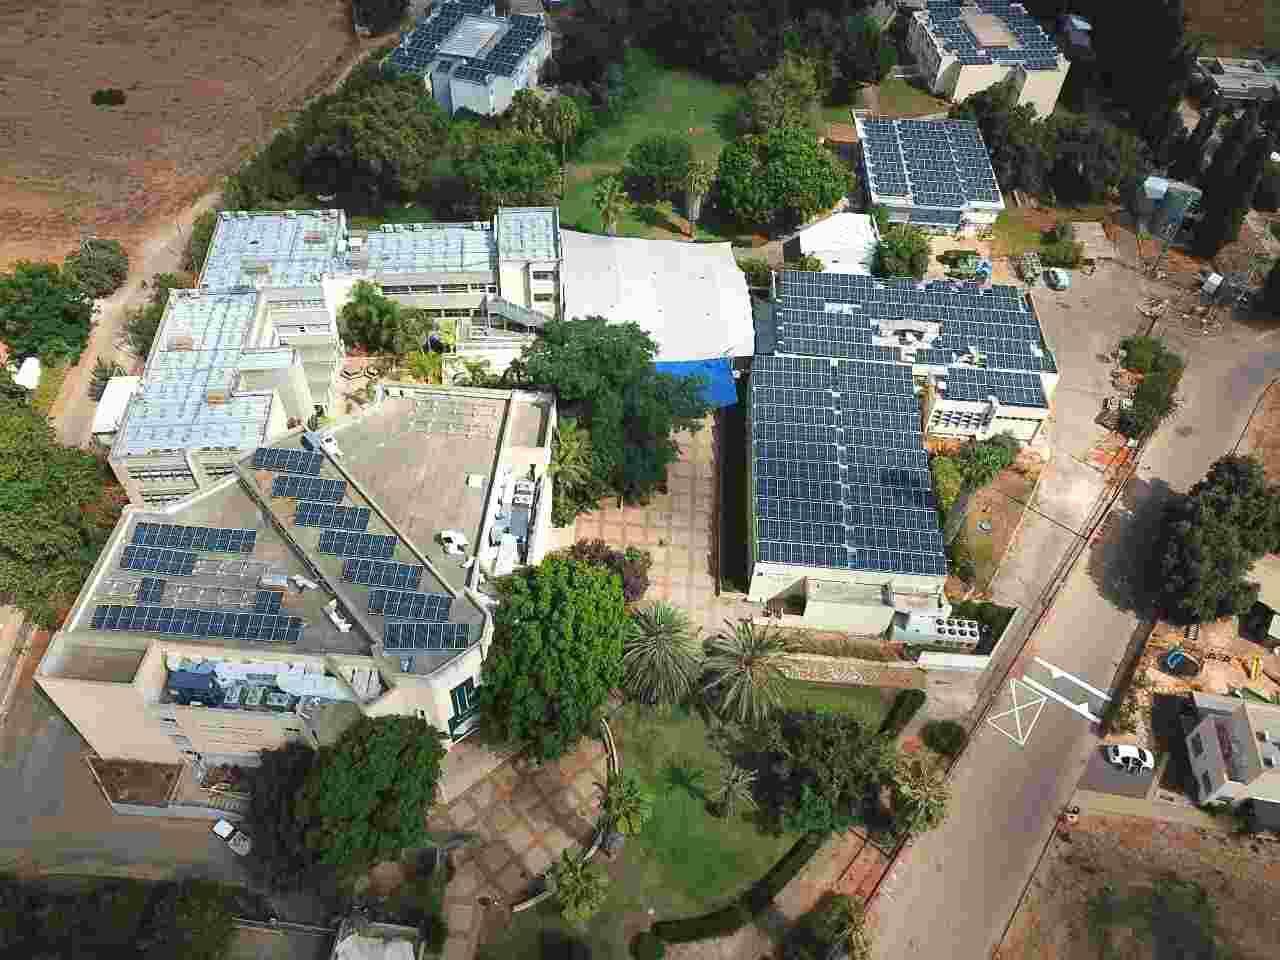 התקנת מערכות סולאריות - כפר פינס